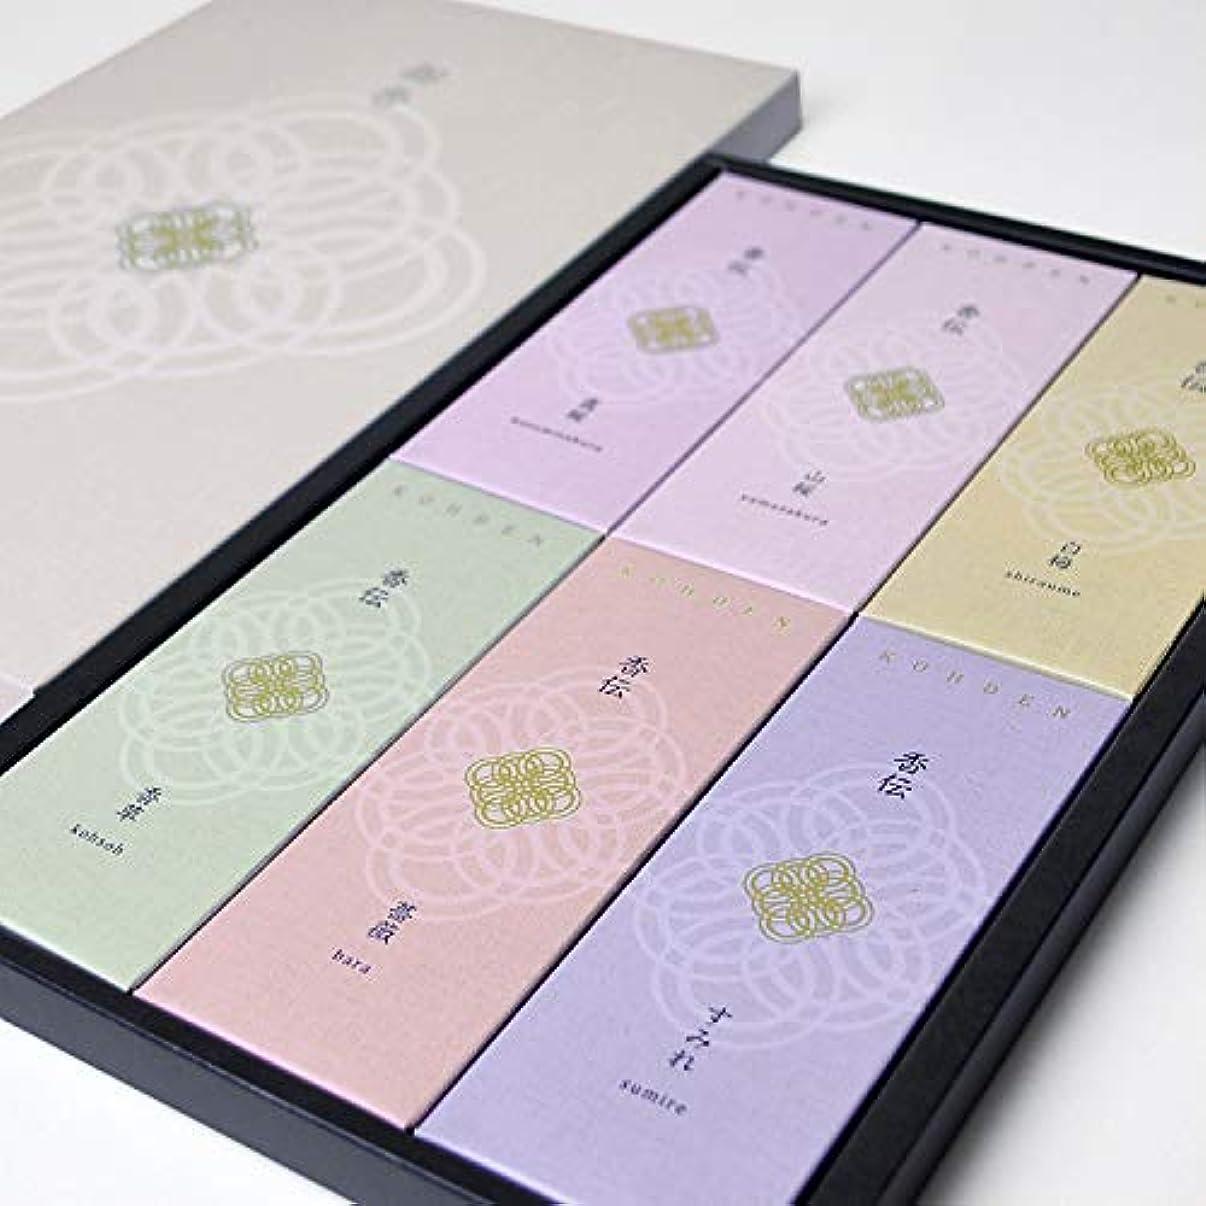 悲鳴翻訳者提案する(ポストに投函できる進物用)日本香堂 香伝 花の香り 線香6種類 1セット